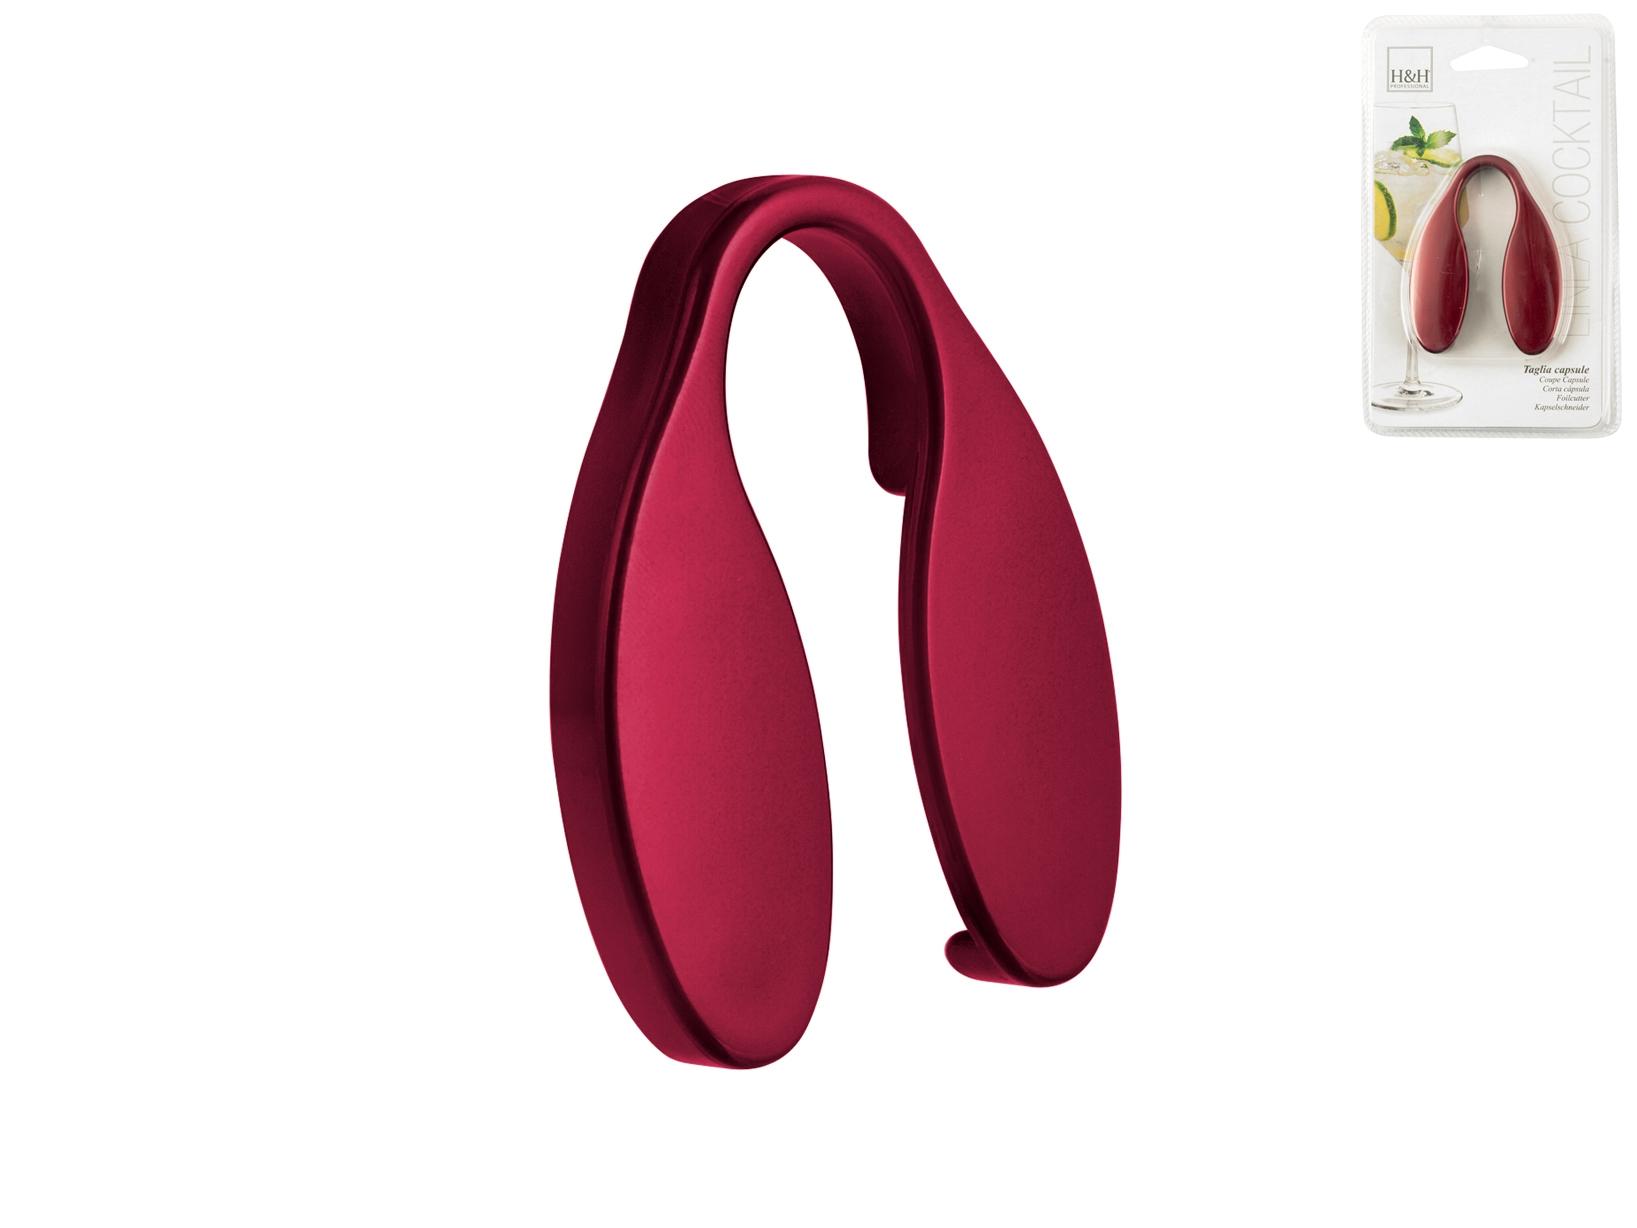 Acquista Set 6 Taglia Capsule Rosso Arredo 17528233 | Glooke.com